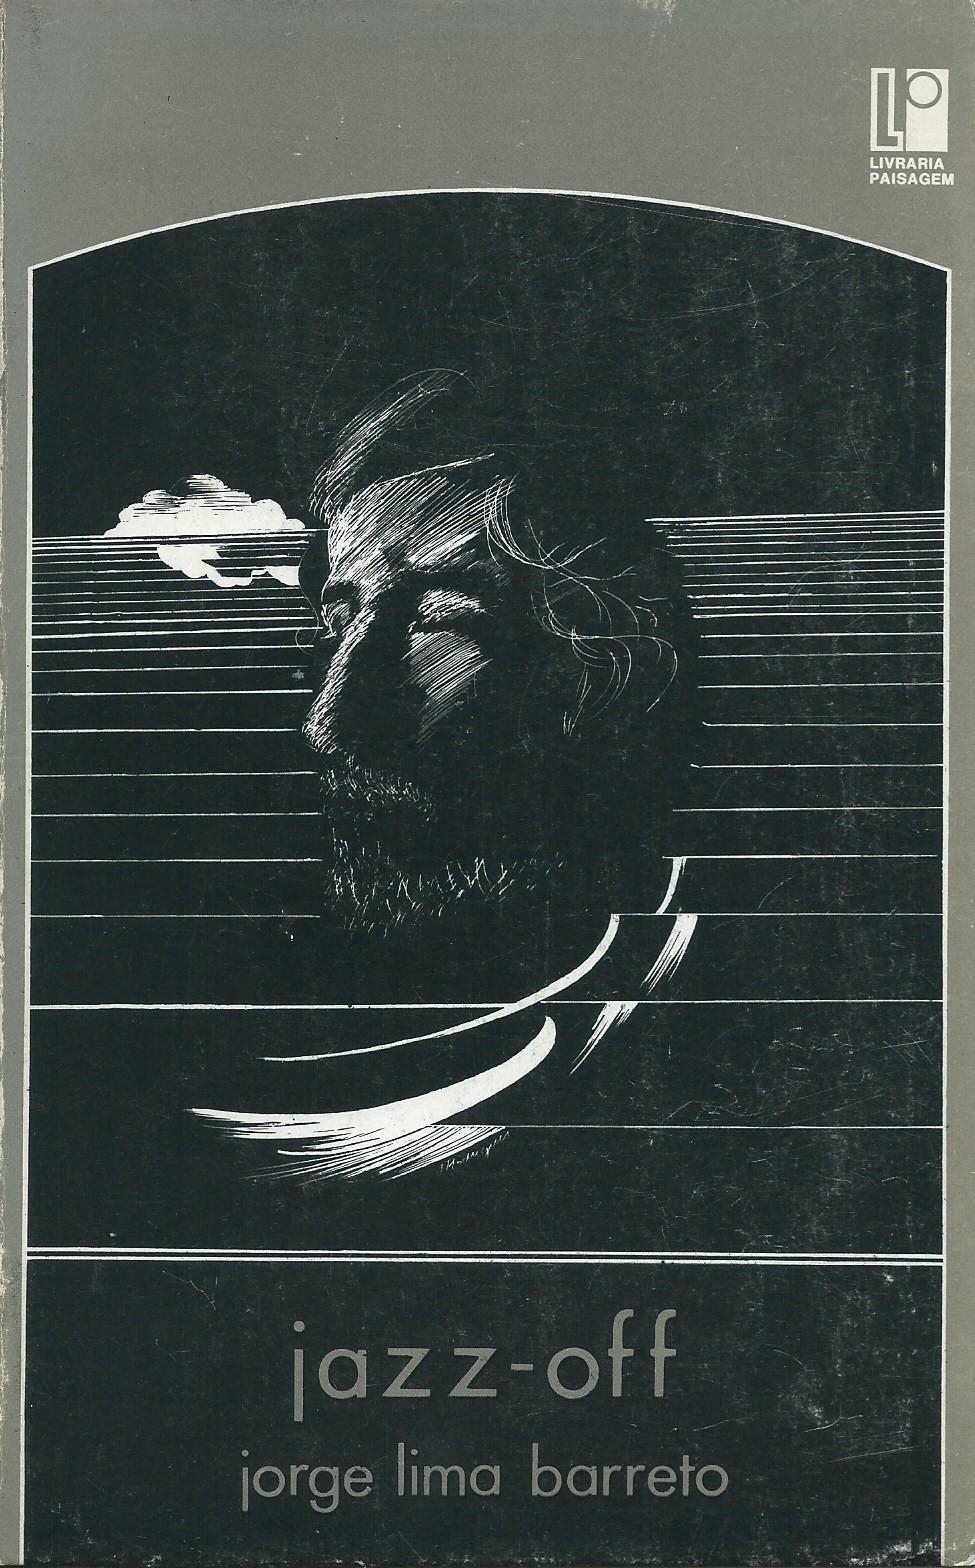 Regresso ao passado janeiro 2017 2 grande msica negra publicado por edies rs limitada no porto em 1975 fandeluxe Image collections